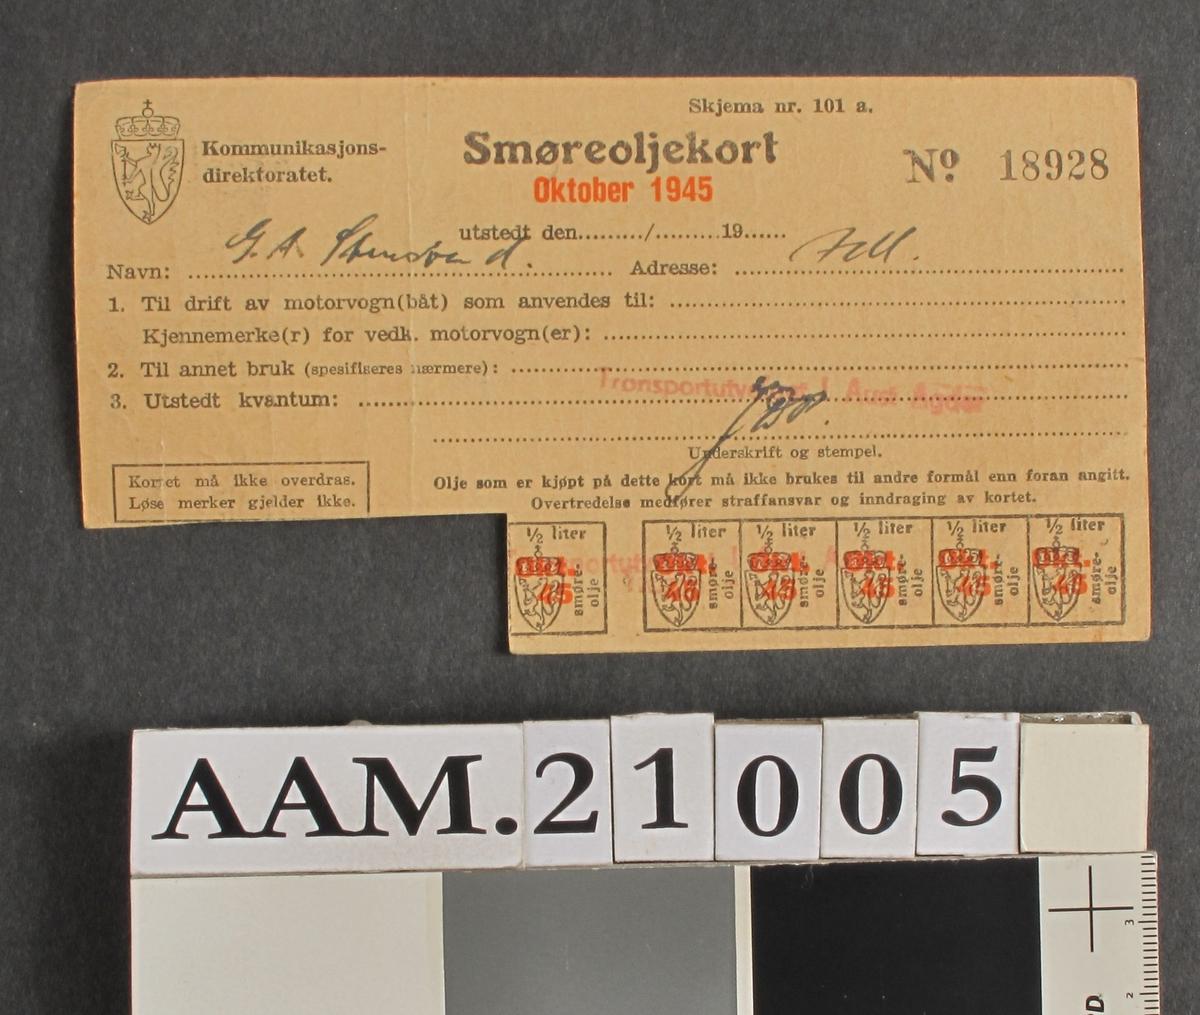 Smøreoljekort, oktober 1945.  Papir, lysebrunt. Utstedt til Gustav A. Stensvand. 4 merker av 10 er avklippet. På baksiden:  Ved salg av brukt olje til forhandleren, hadde man krav på samme kvantum ny eller regenerert smøreolje uten rasjoneringskort.